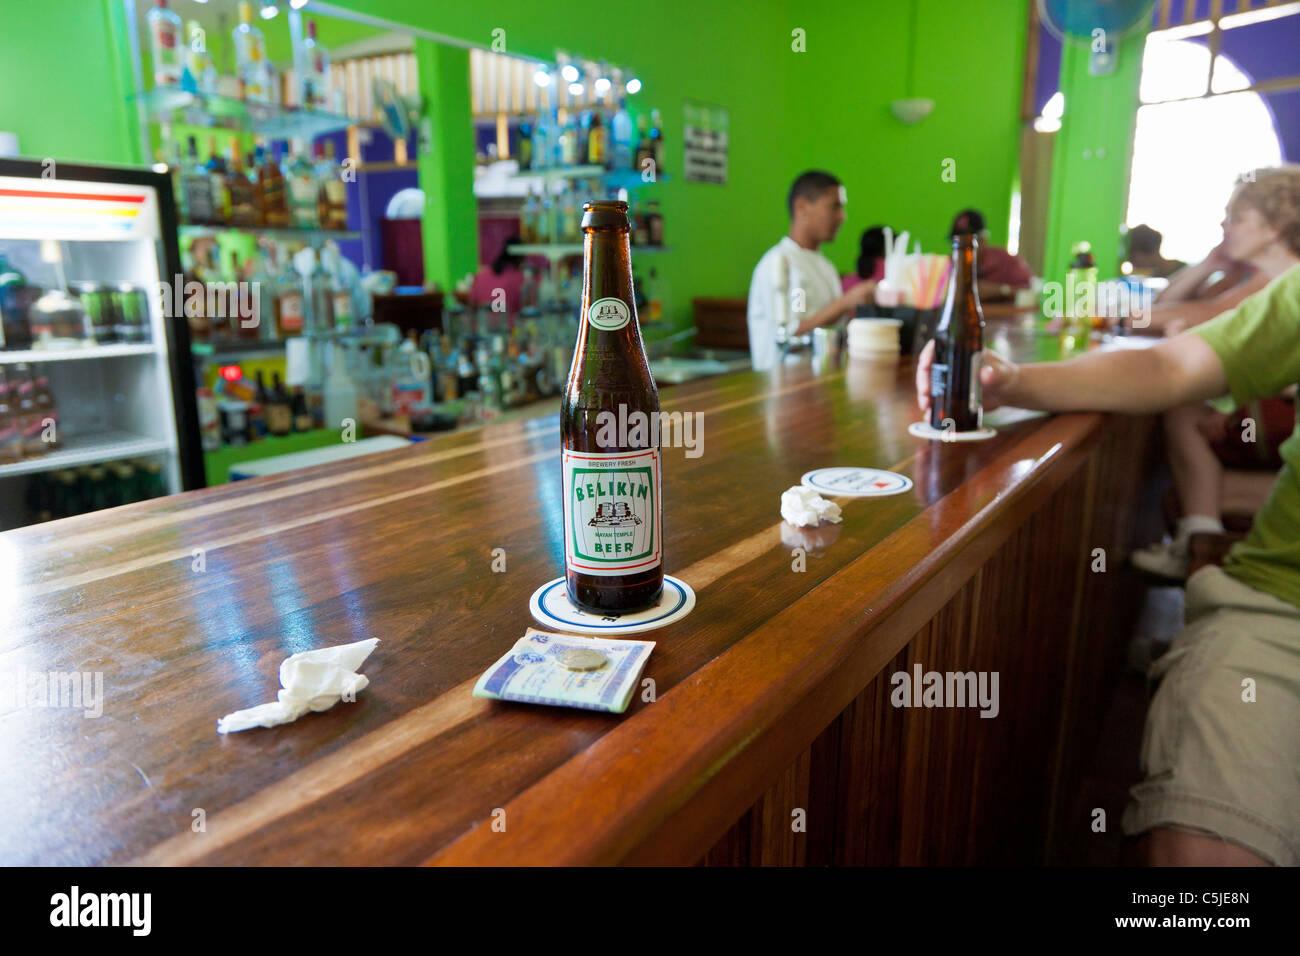 Bottle of Belikin beer on bar in Belize City, Belize - Stock Image